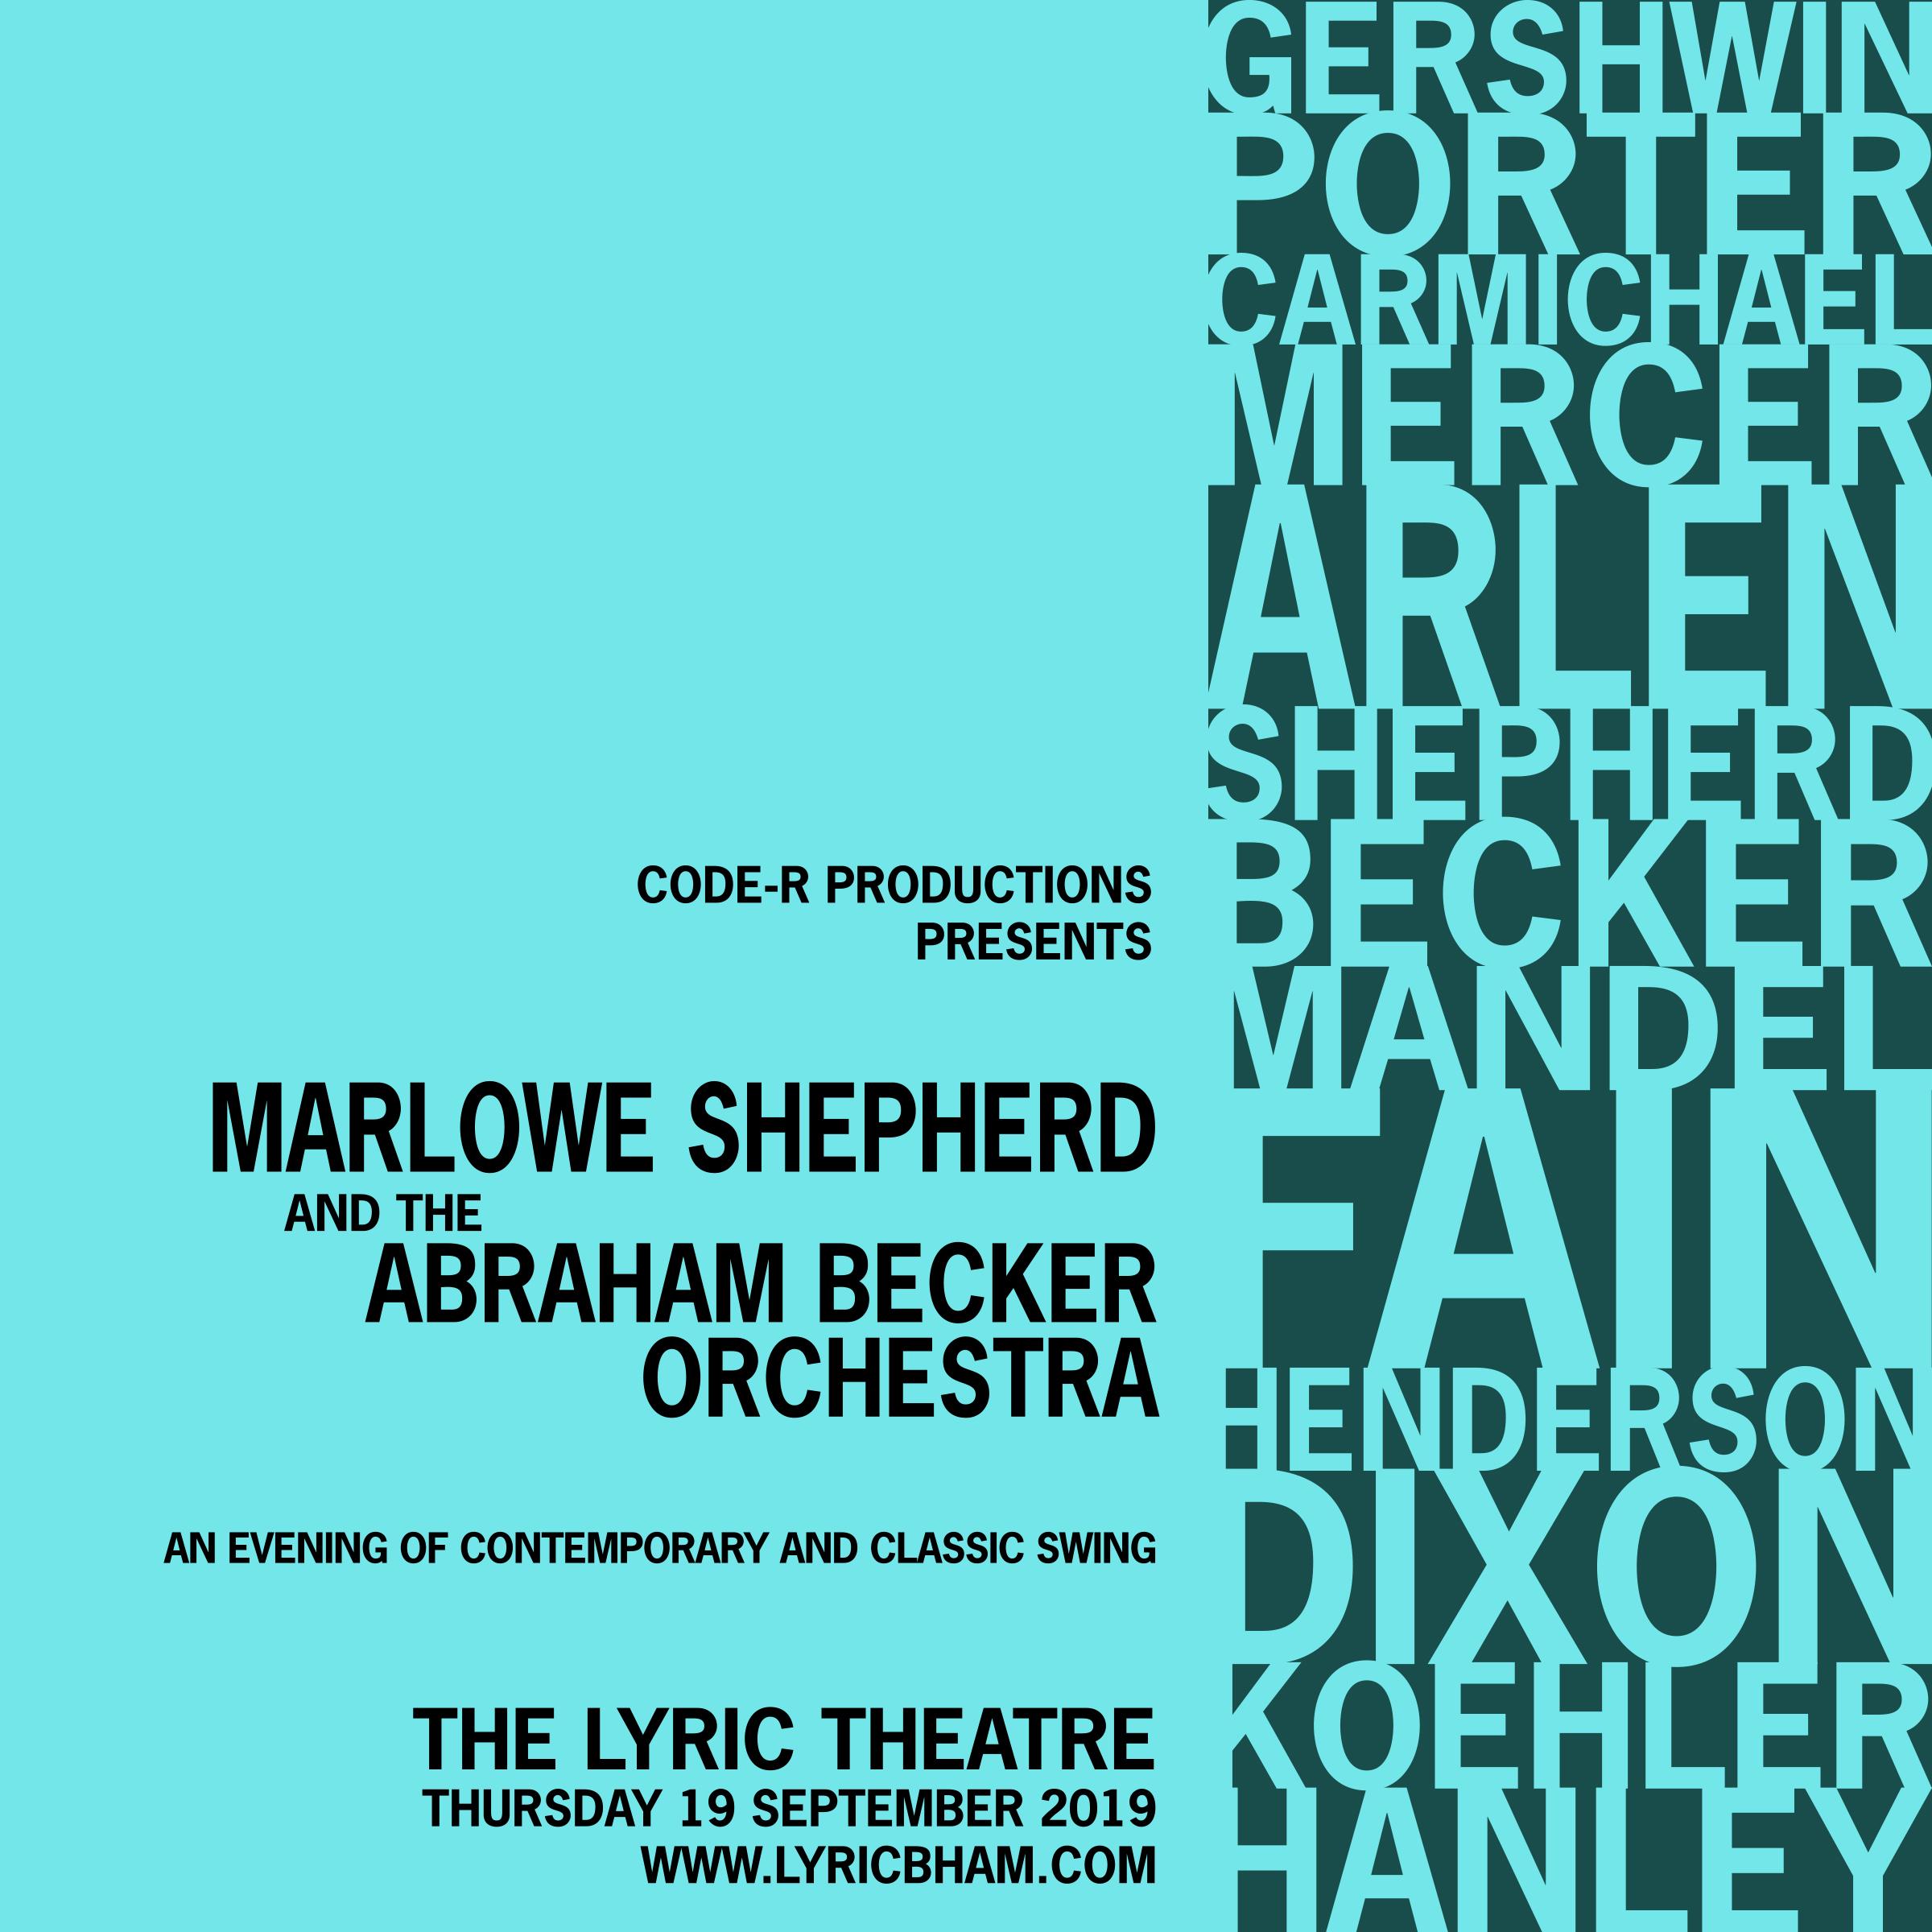 9-19-19 Shepherd Becker Social Media Poster.jpg